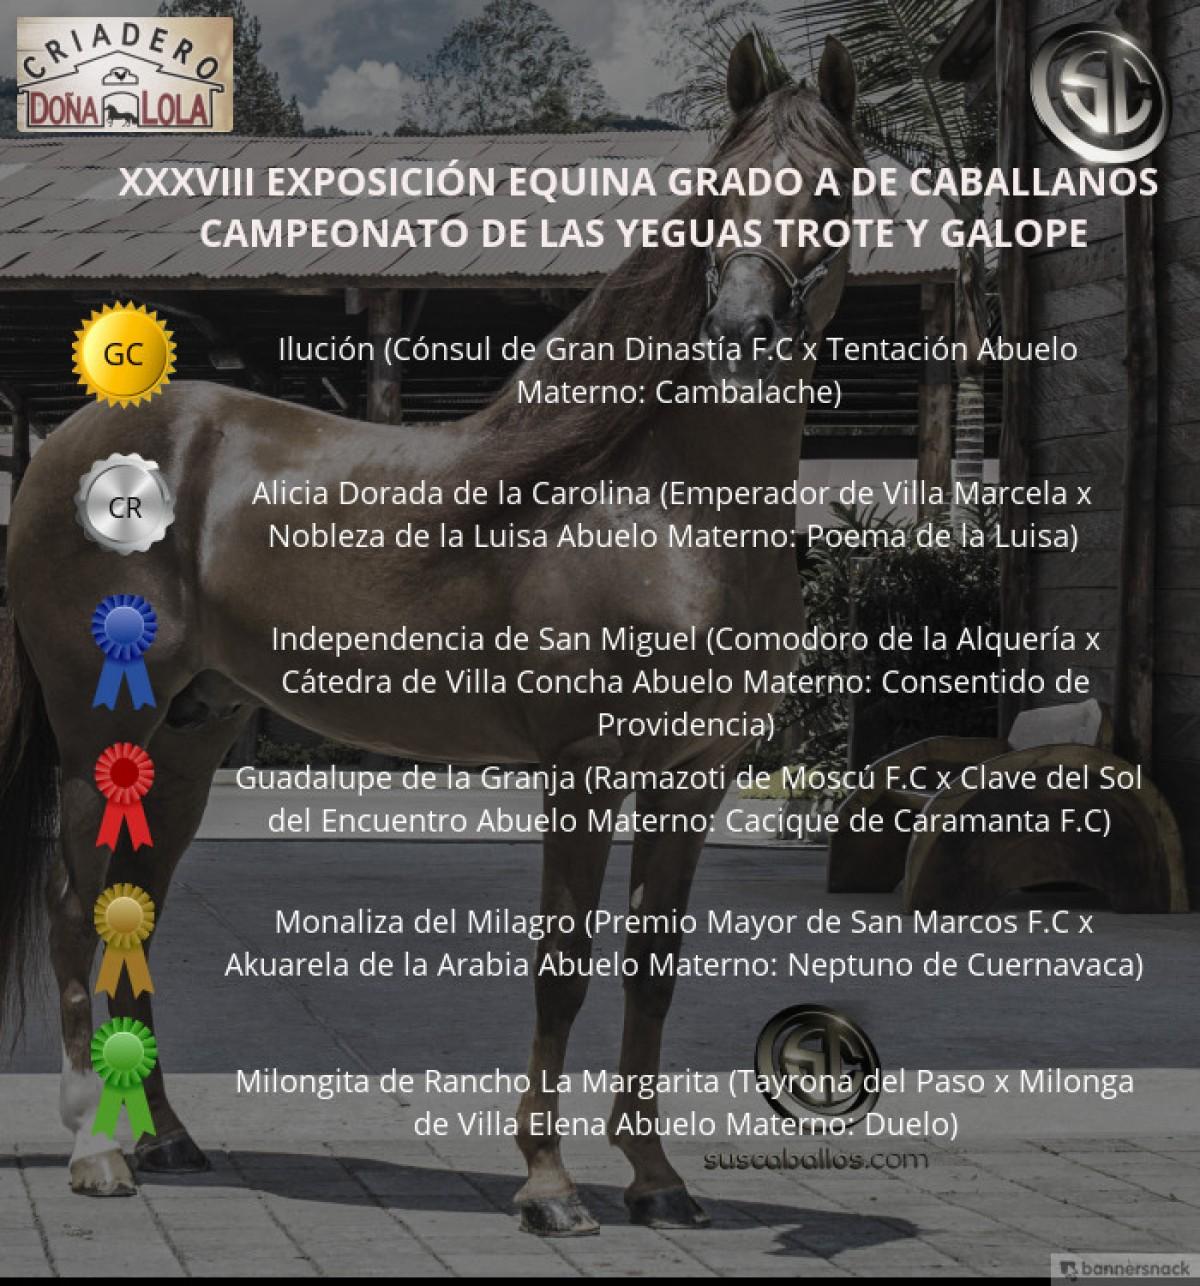 ÍDEO: Ilución Campeona, Alicia Reservada, Trote Y Galope, Caballanos 2018